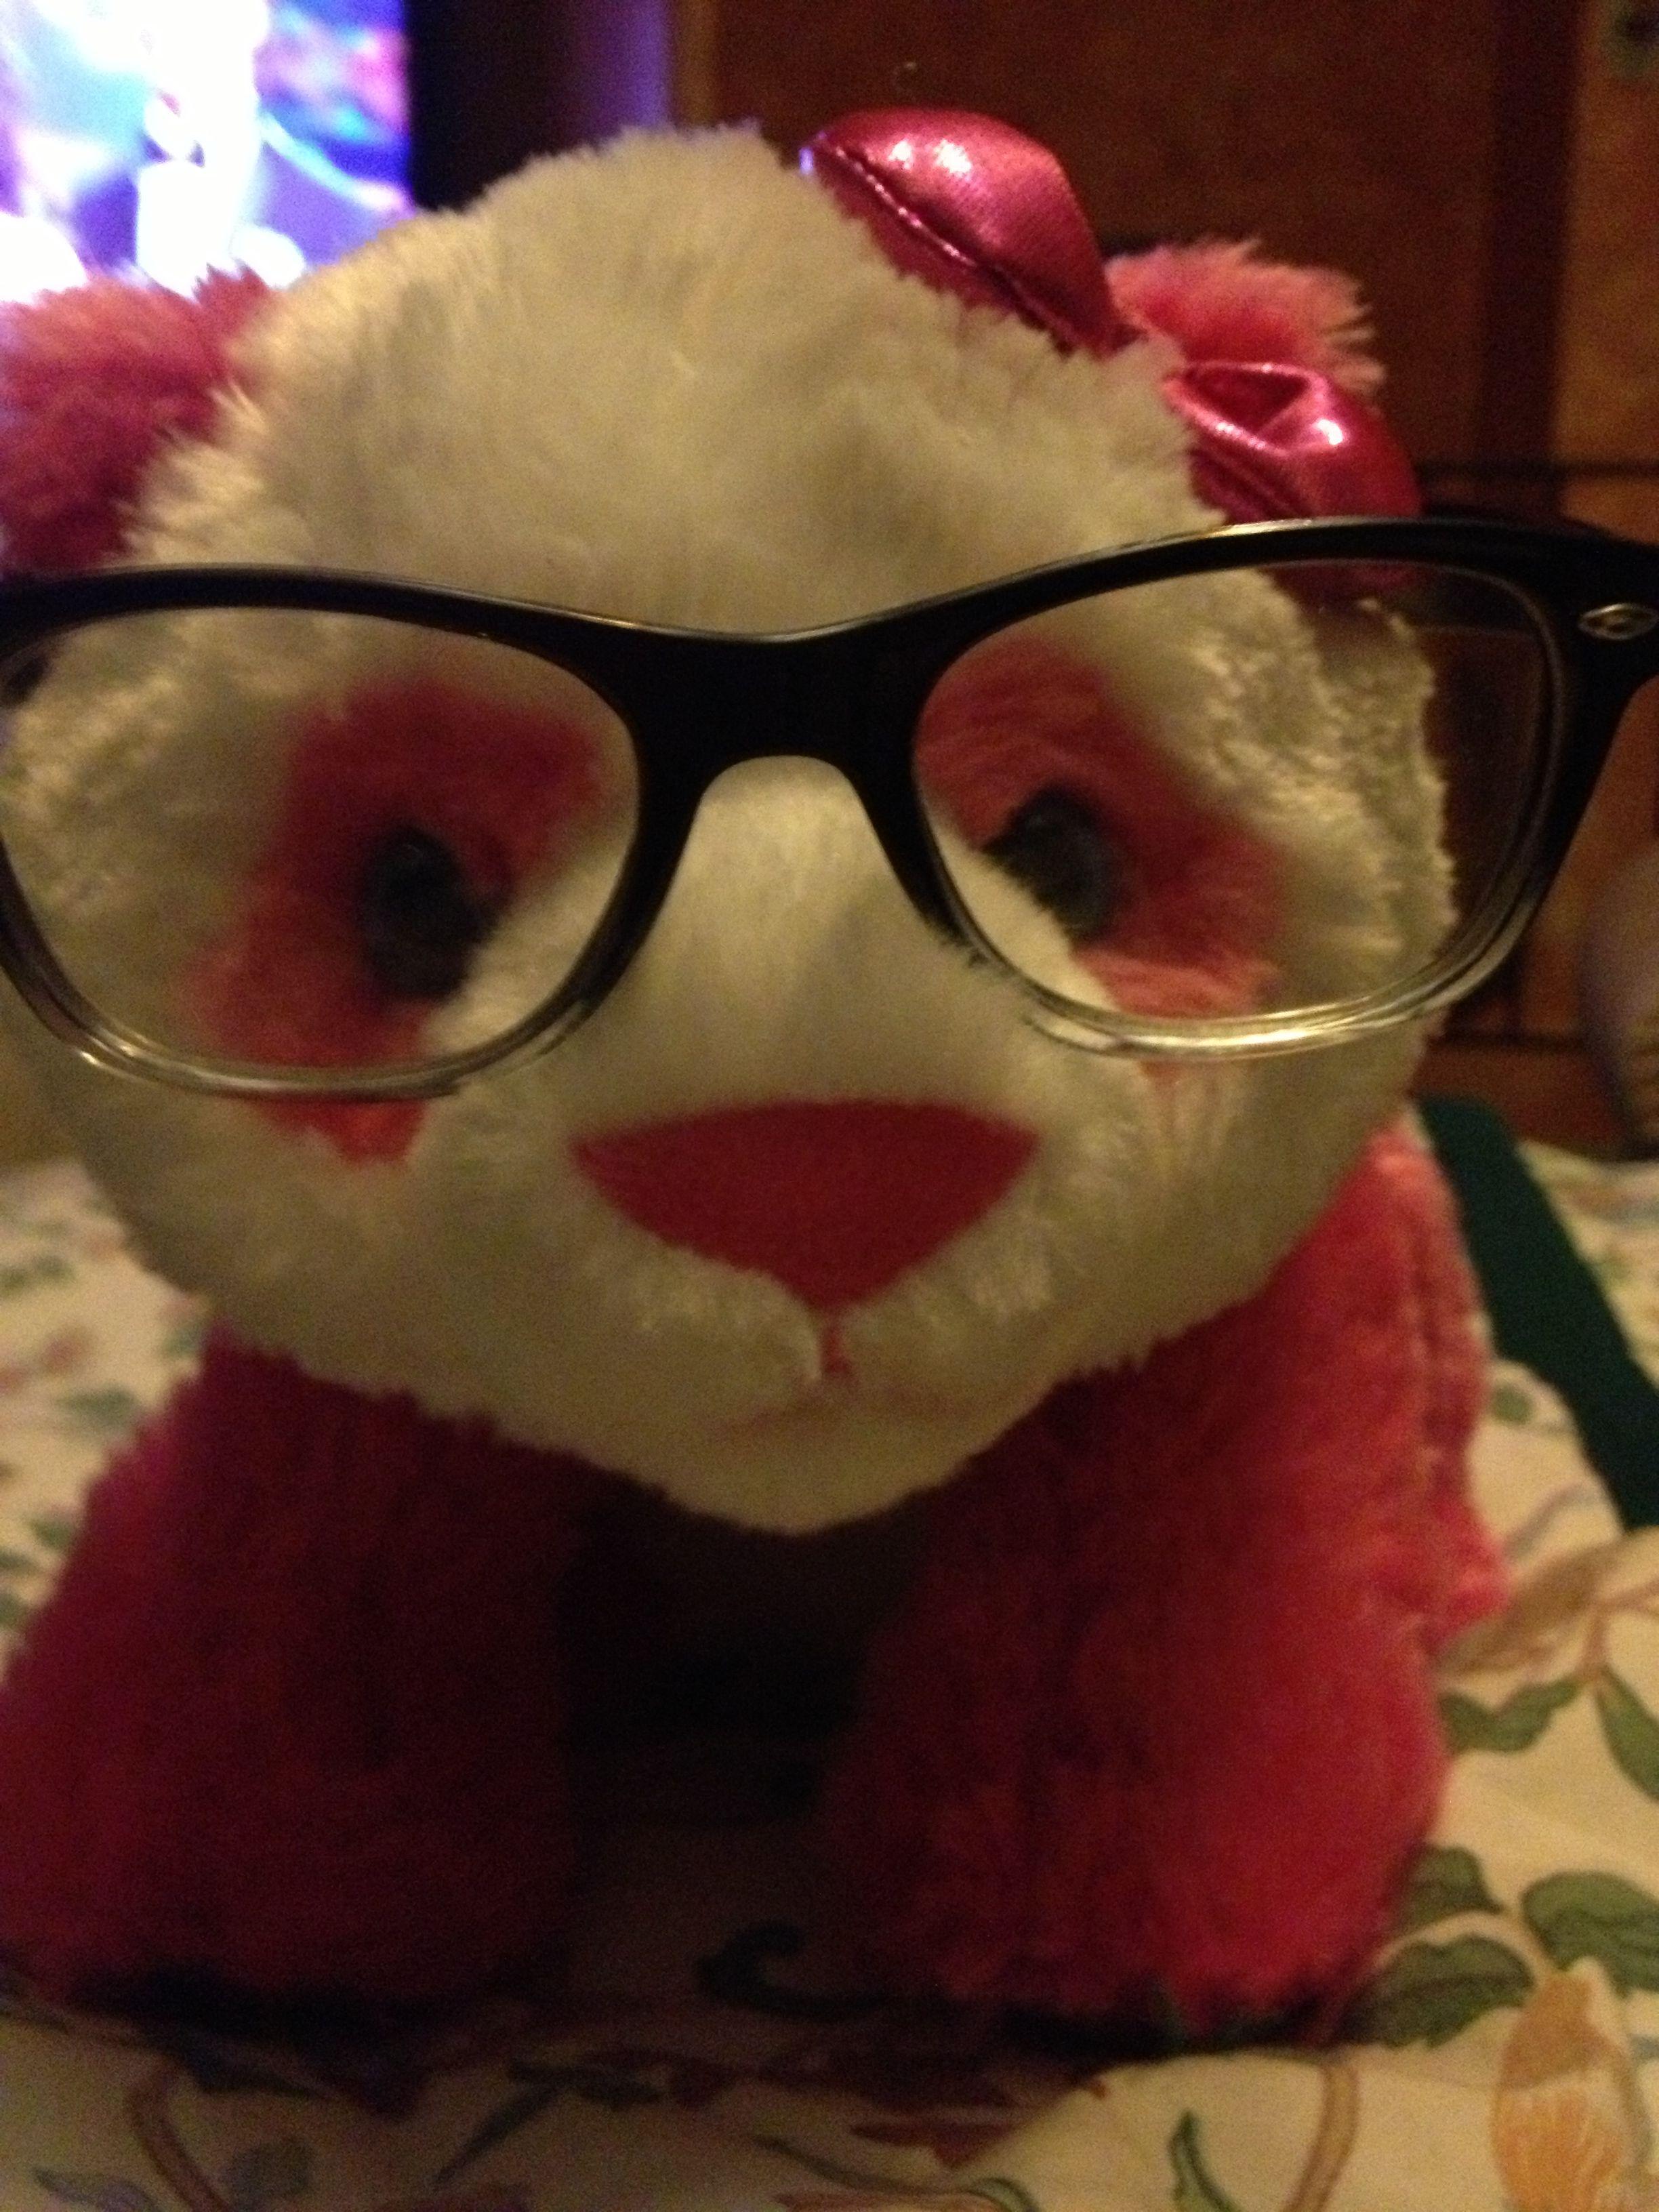 Hipster panda!